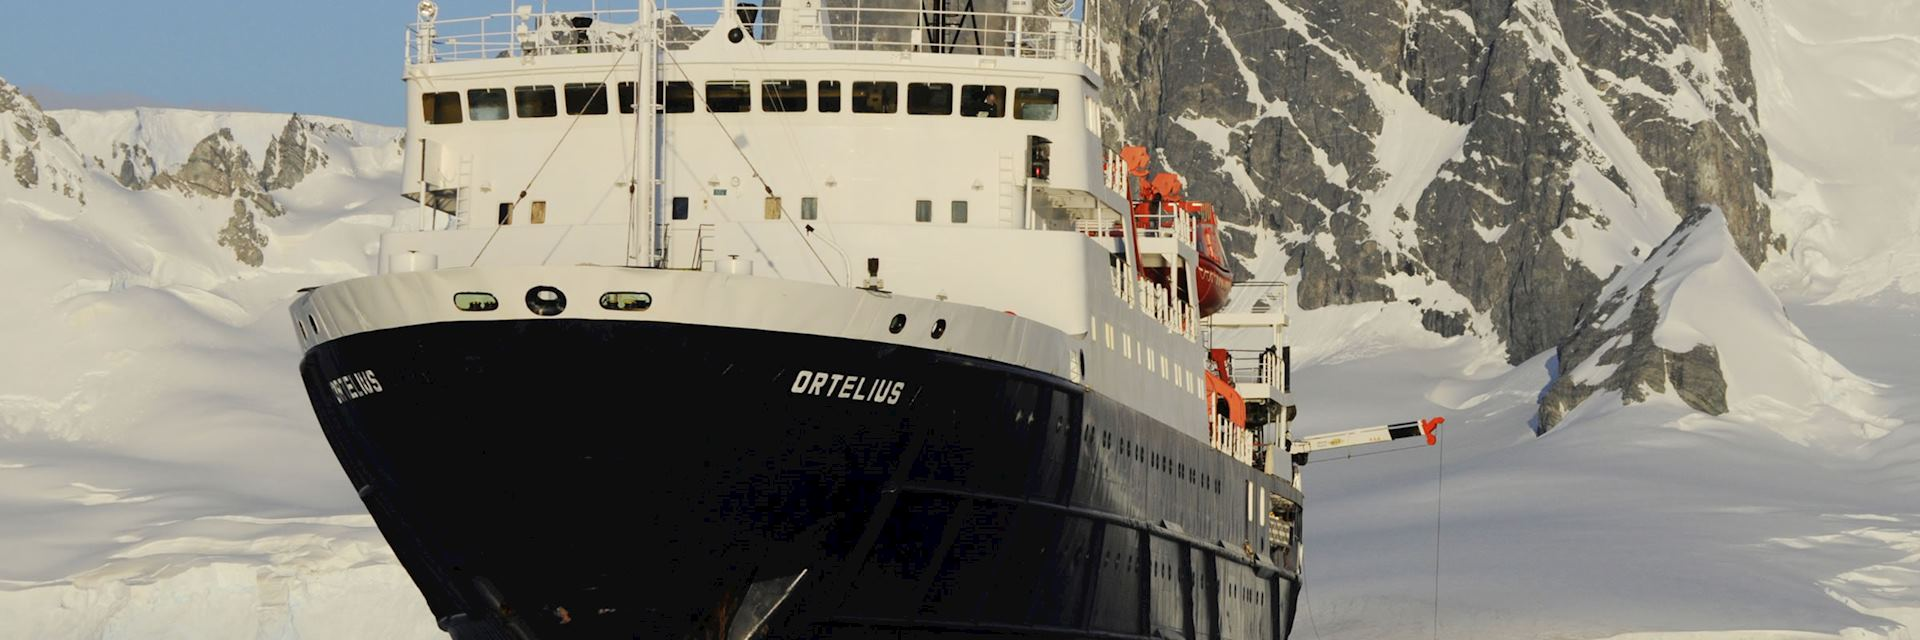 MV Ortelius